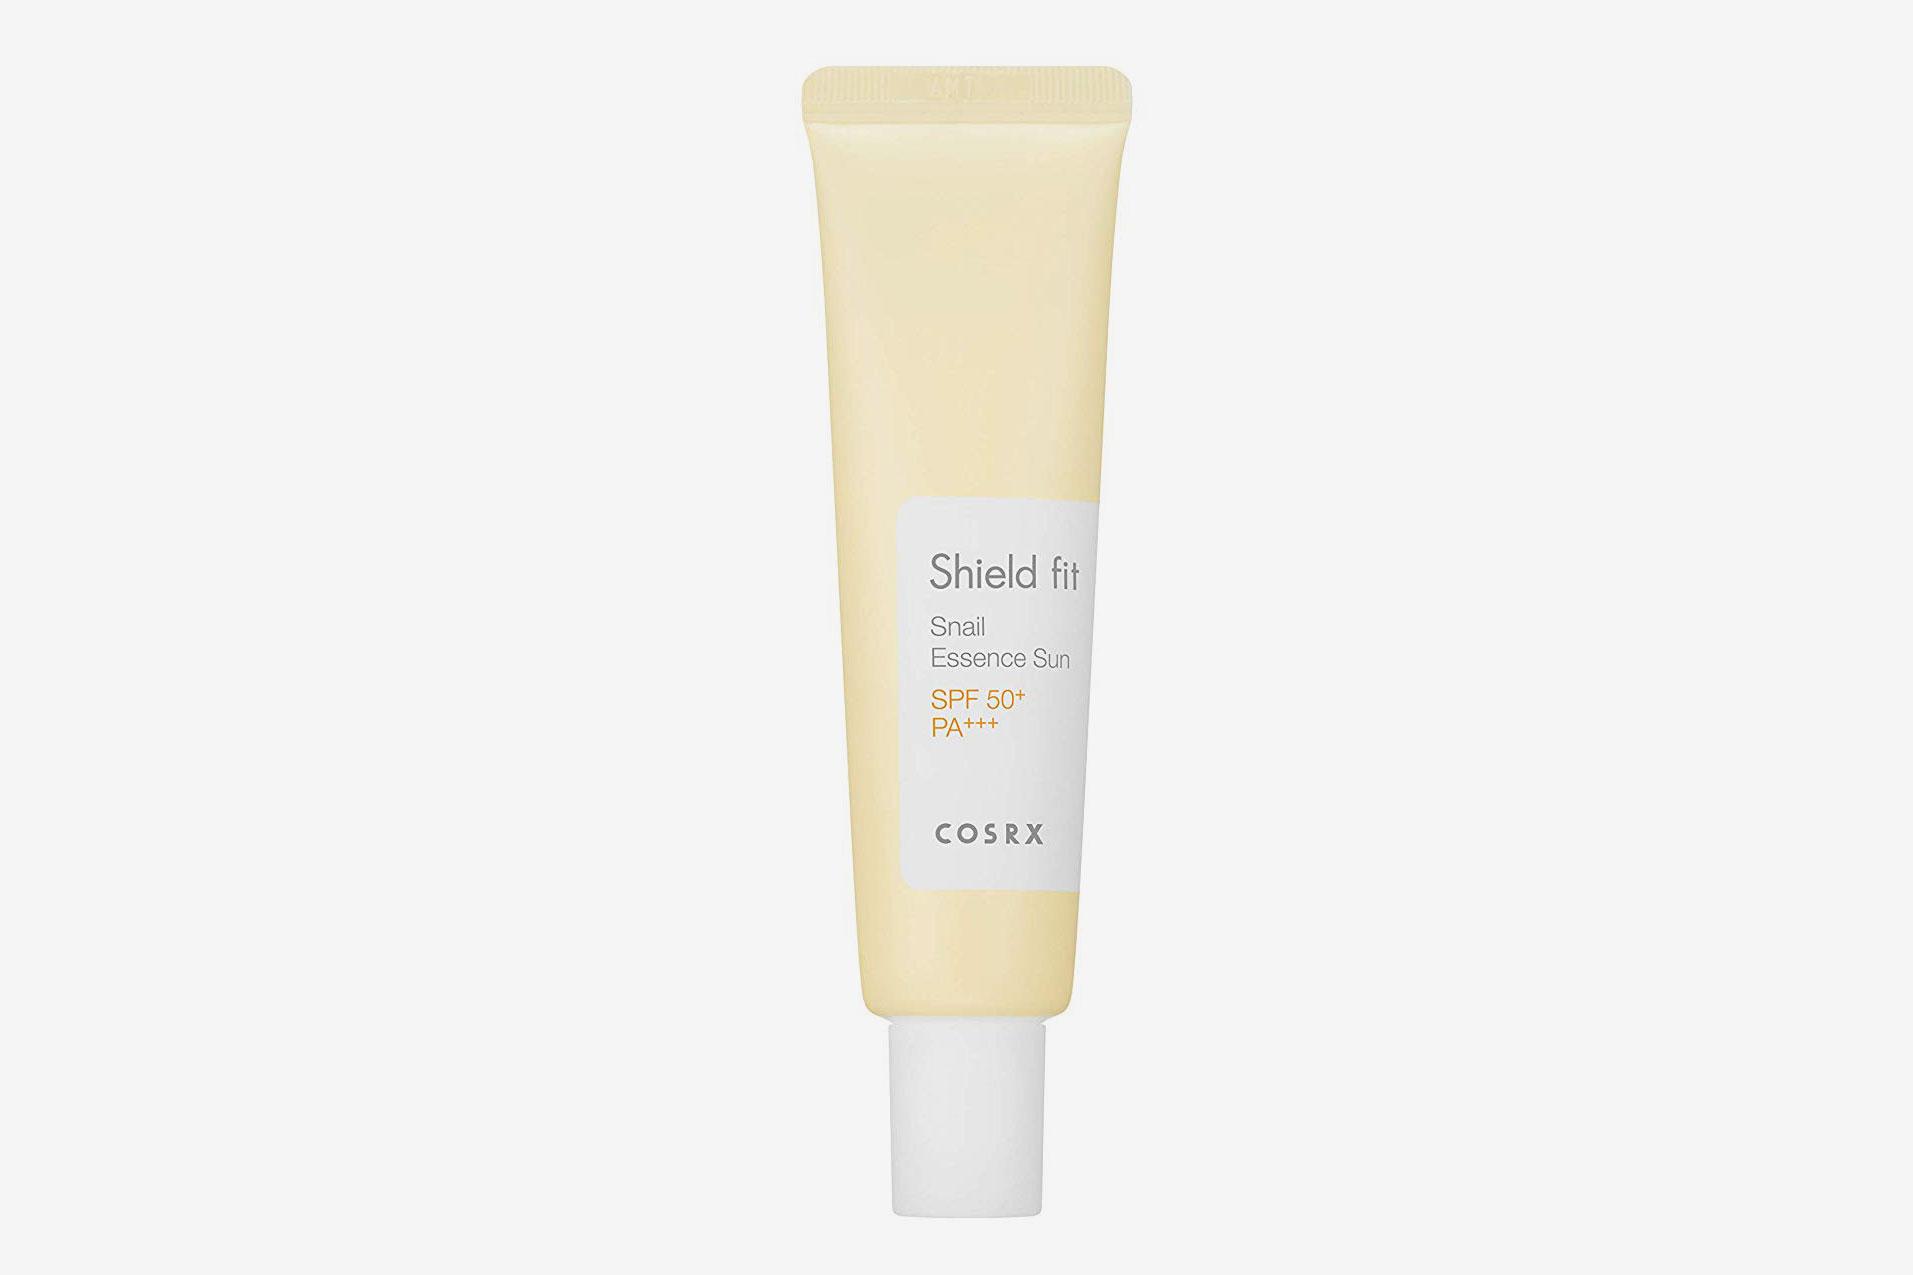 COSRX Crème solaire Essentiel Shield Fit Snail SPF 50+ PA +++